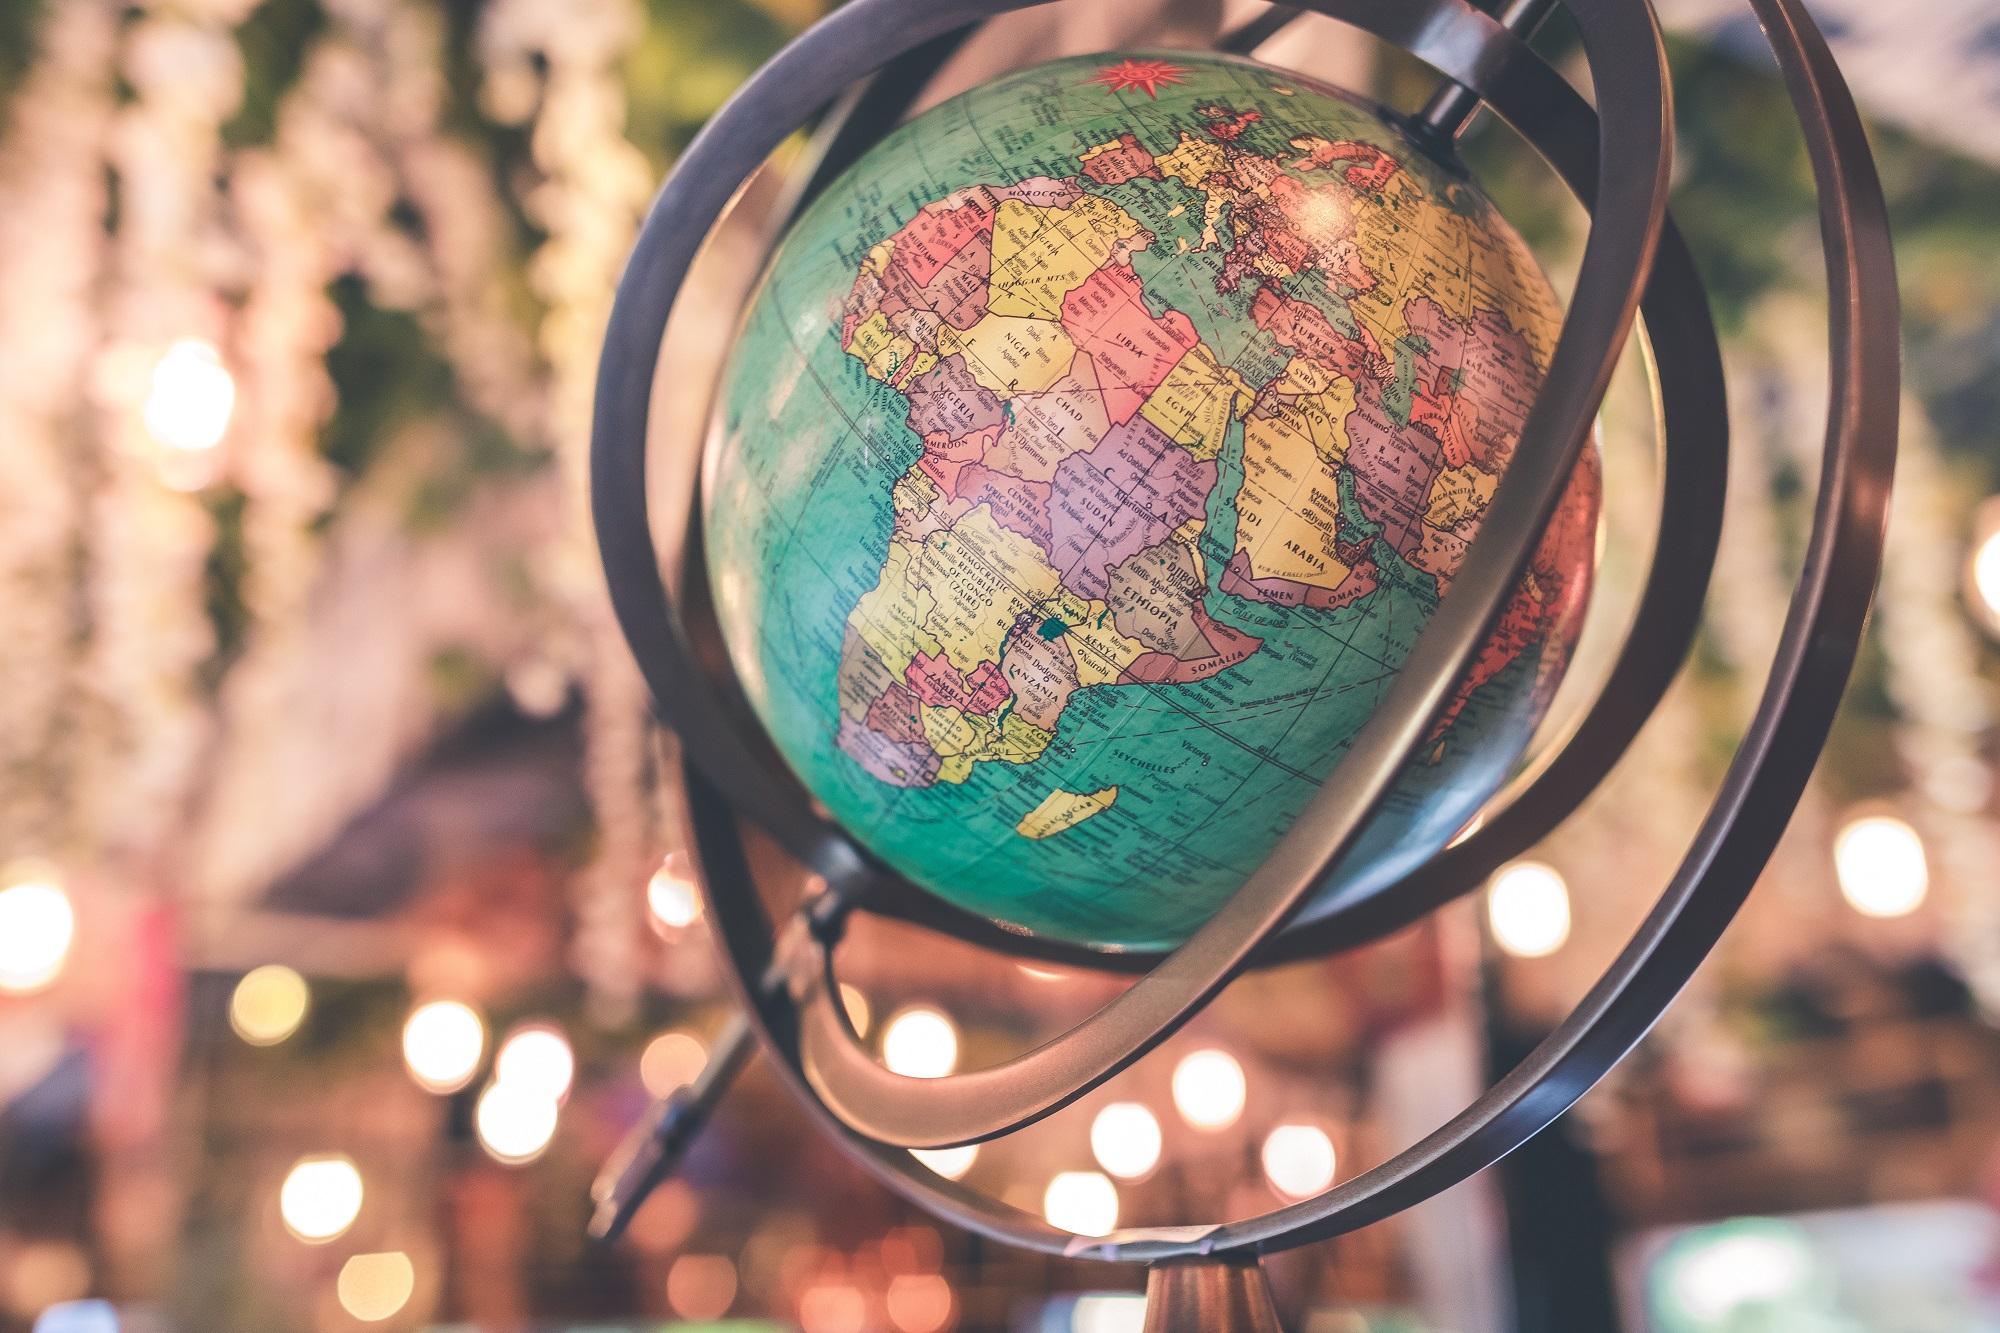 globo terrestre representa nação sendo transformada